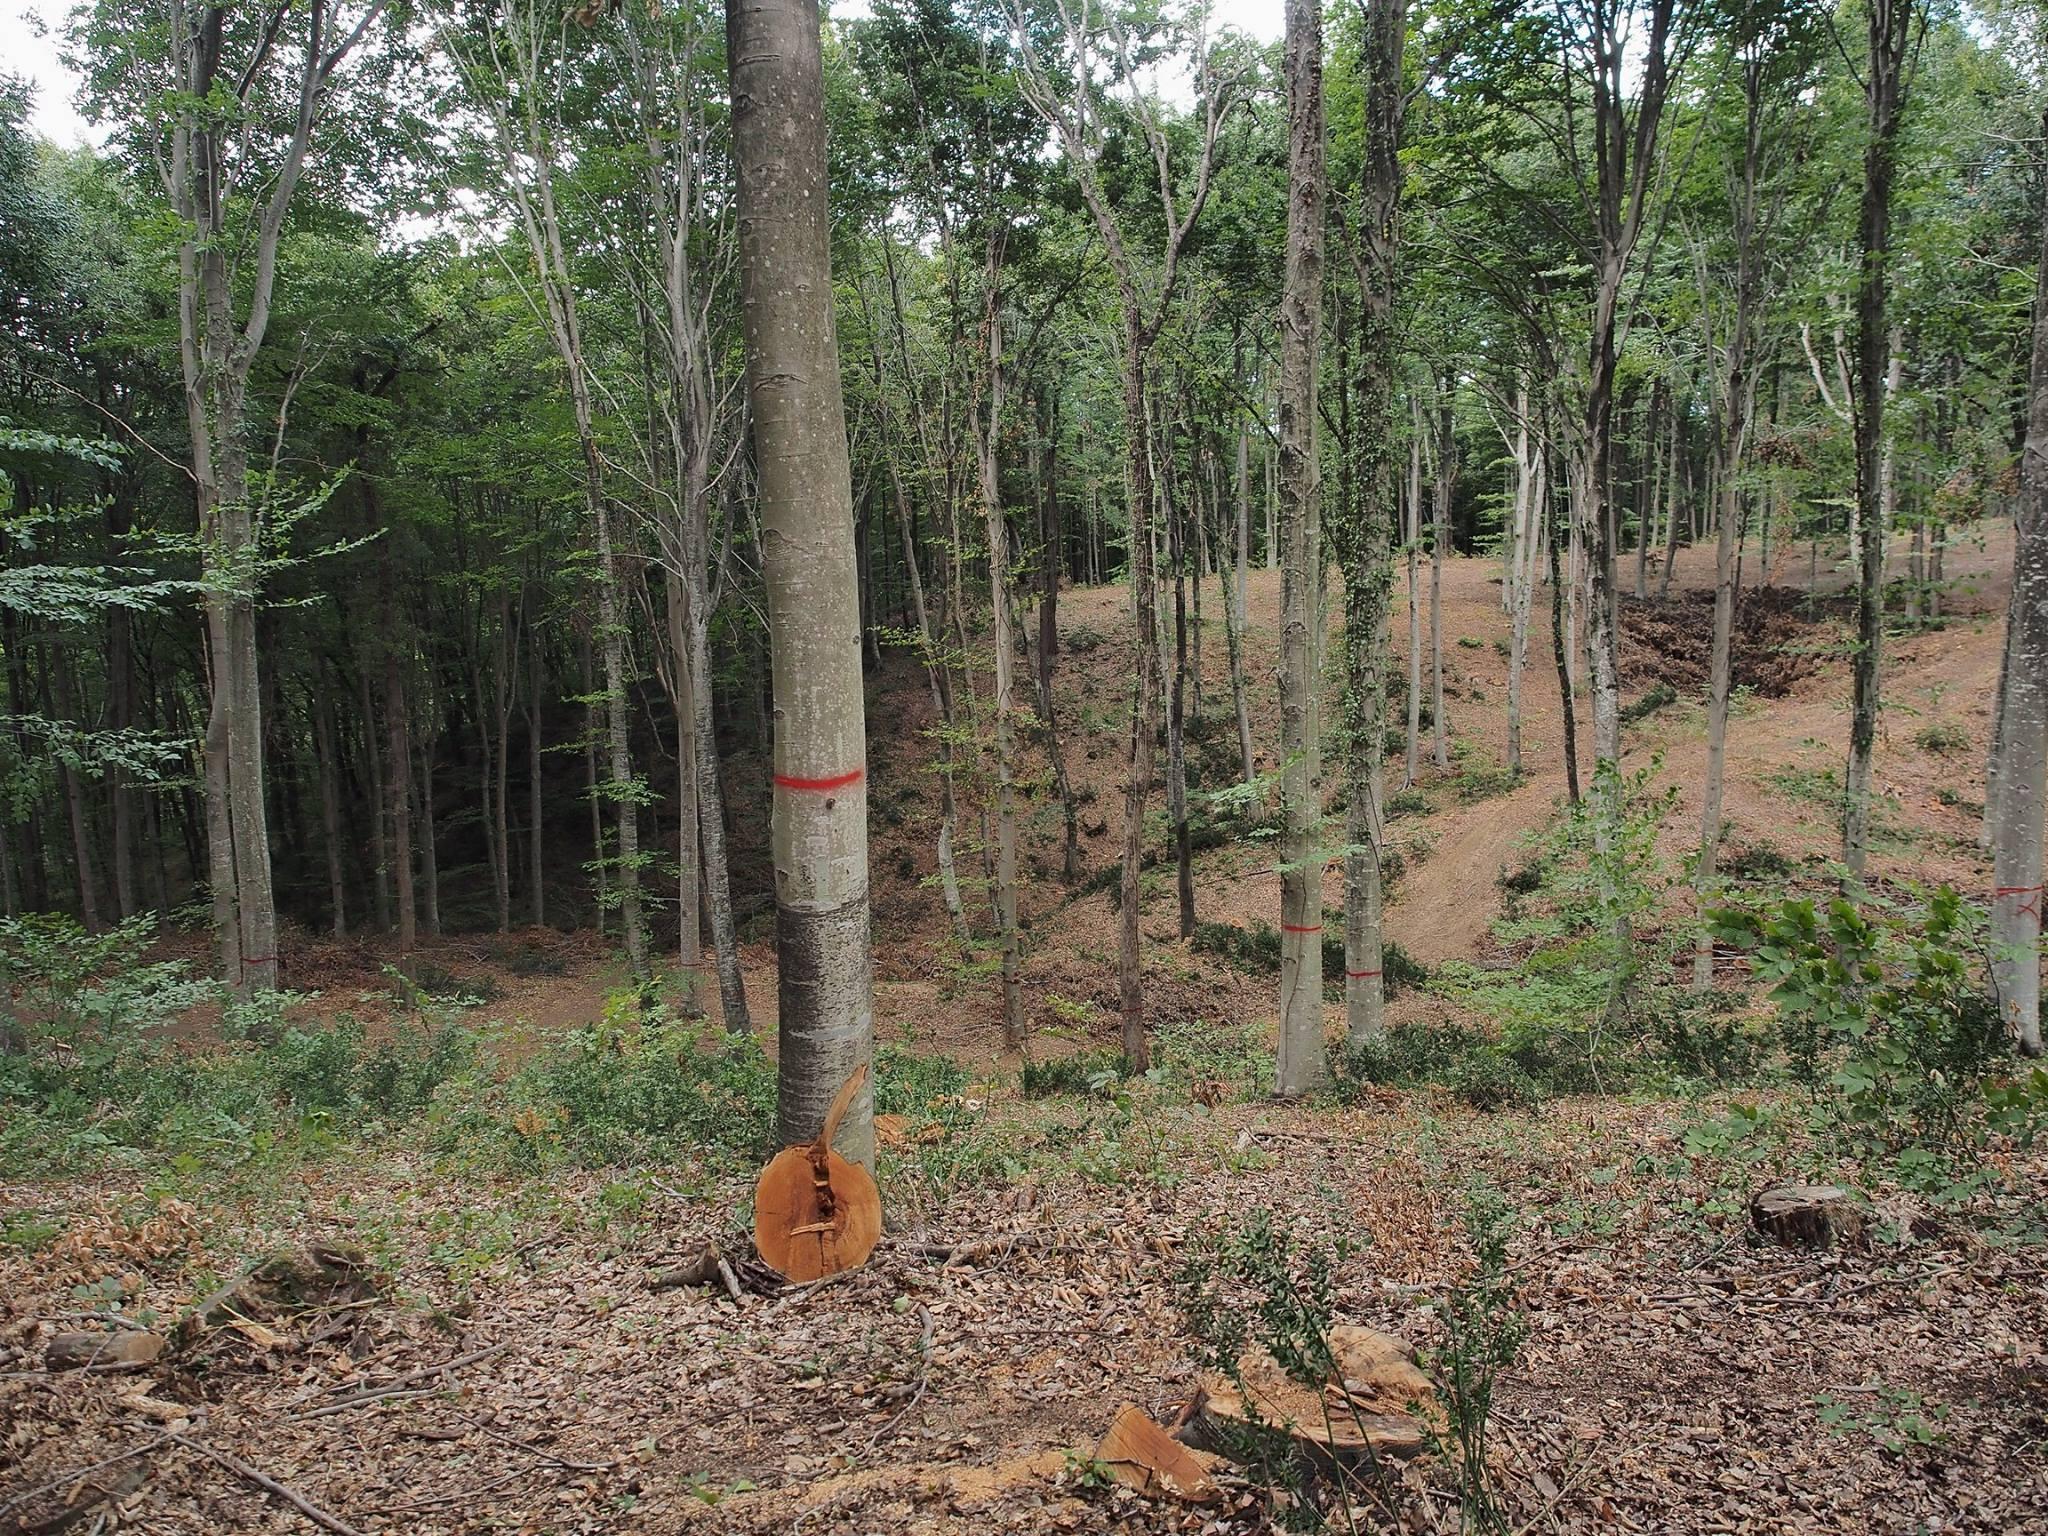 Betonkafalar Belgrad Ormanı'nda ağaçları işaretlemeye başladı!